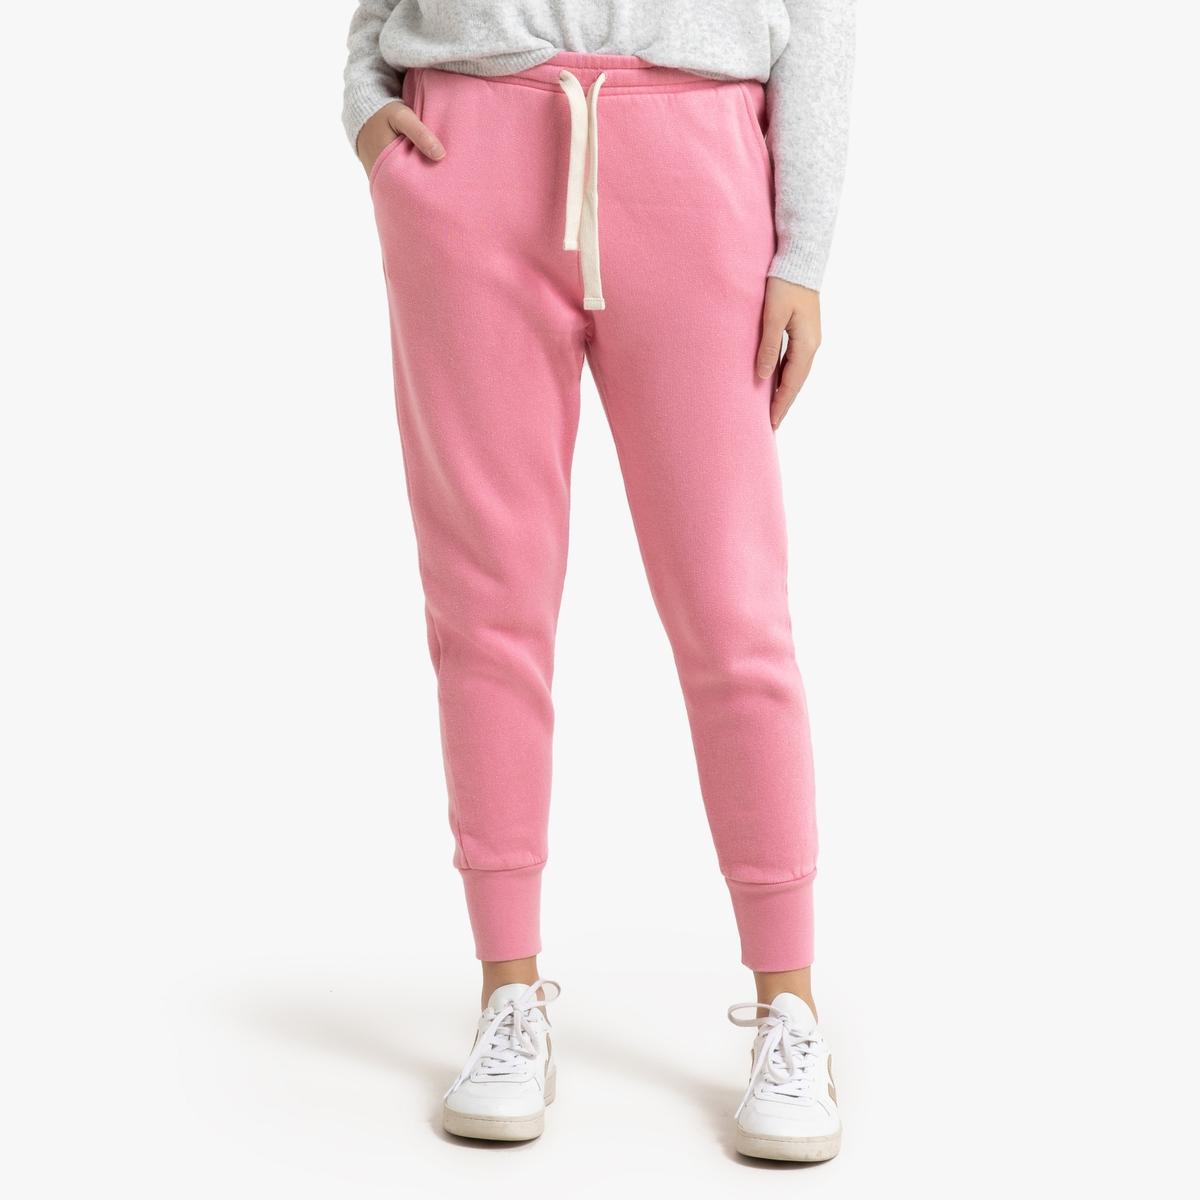 Брюки La Redoute Спортивные спортивные KINOUBA M розовый